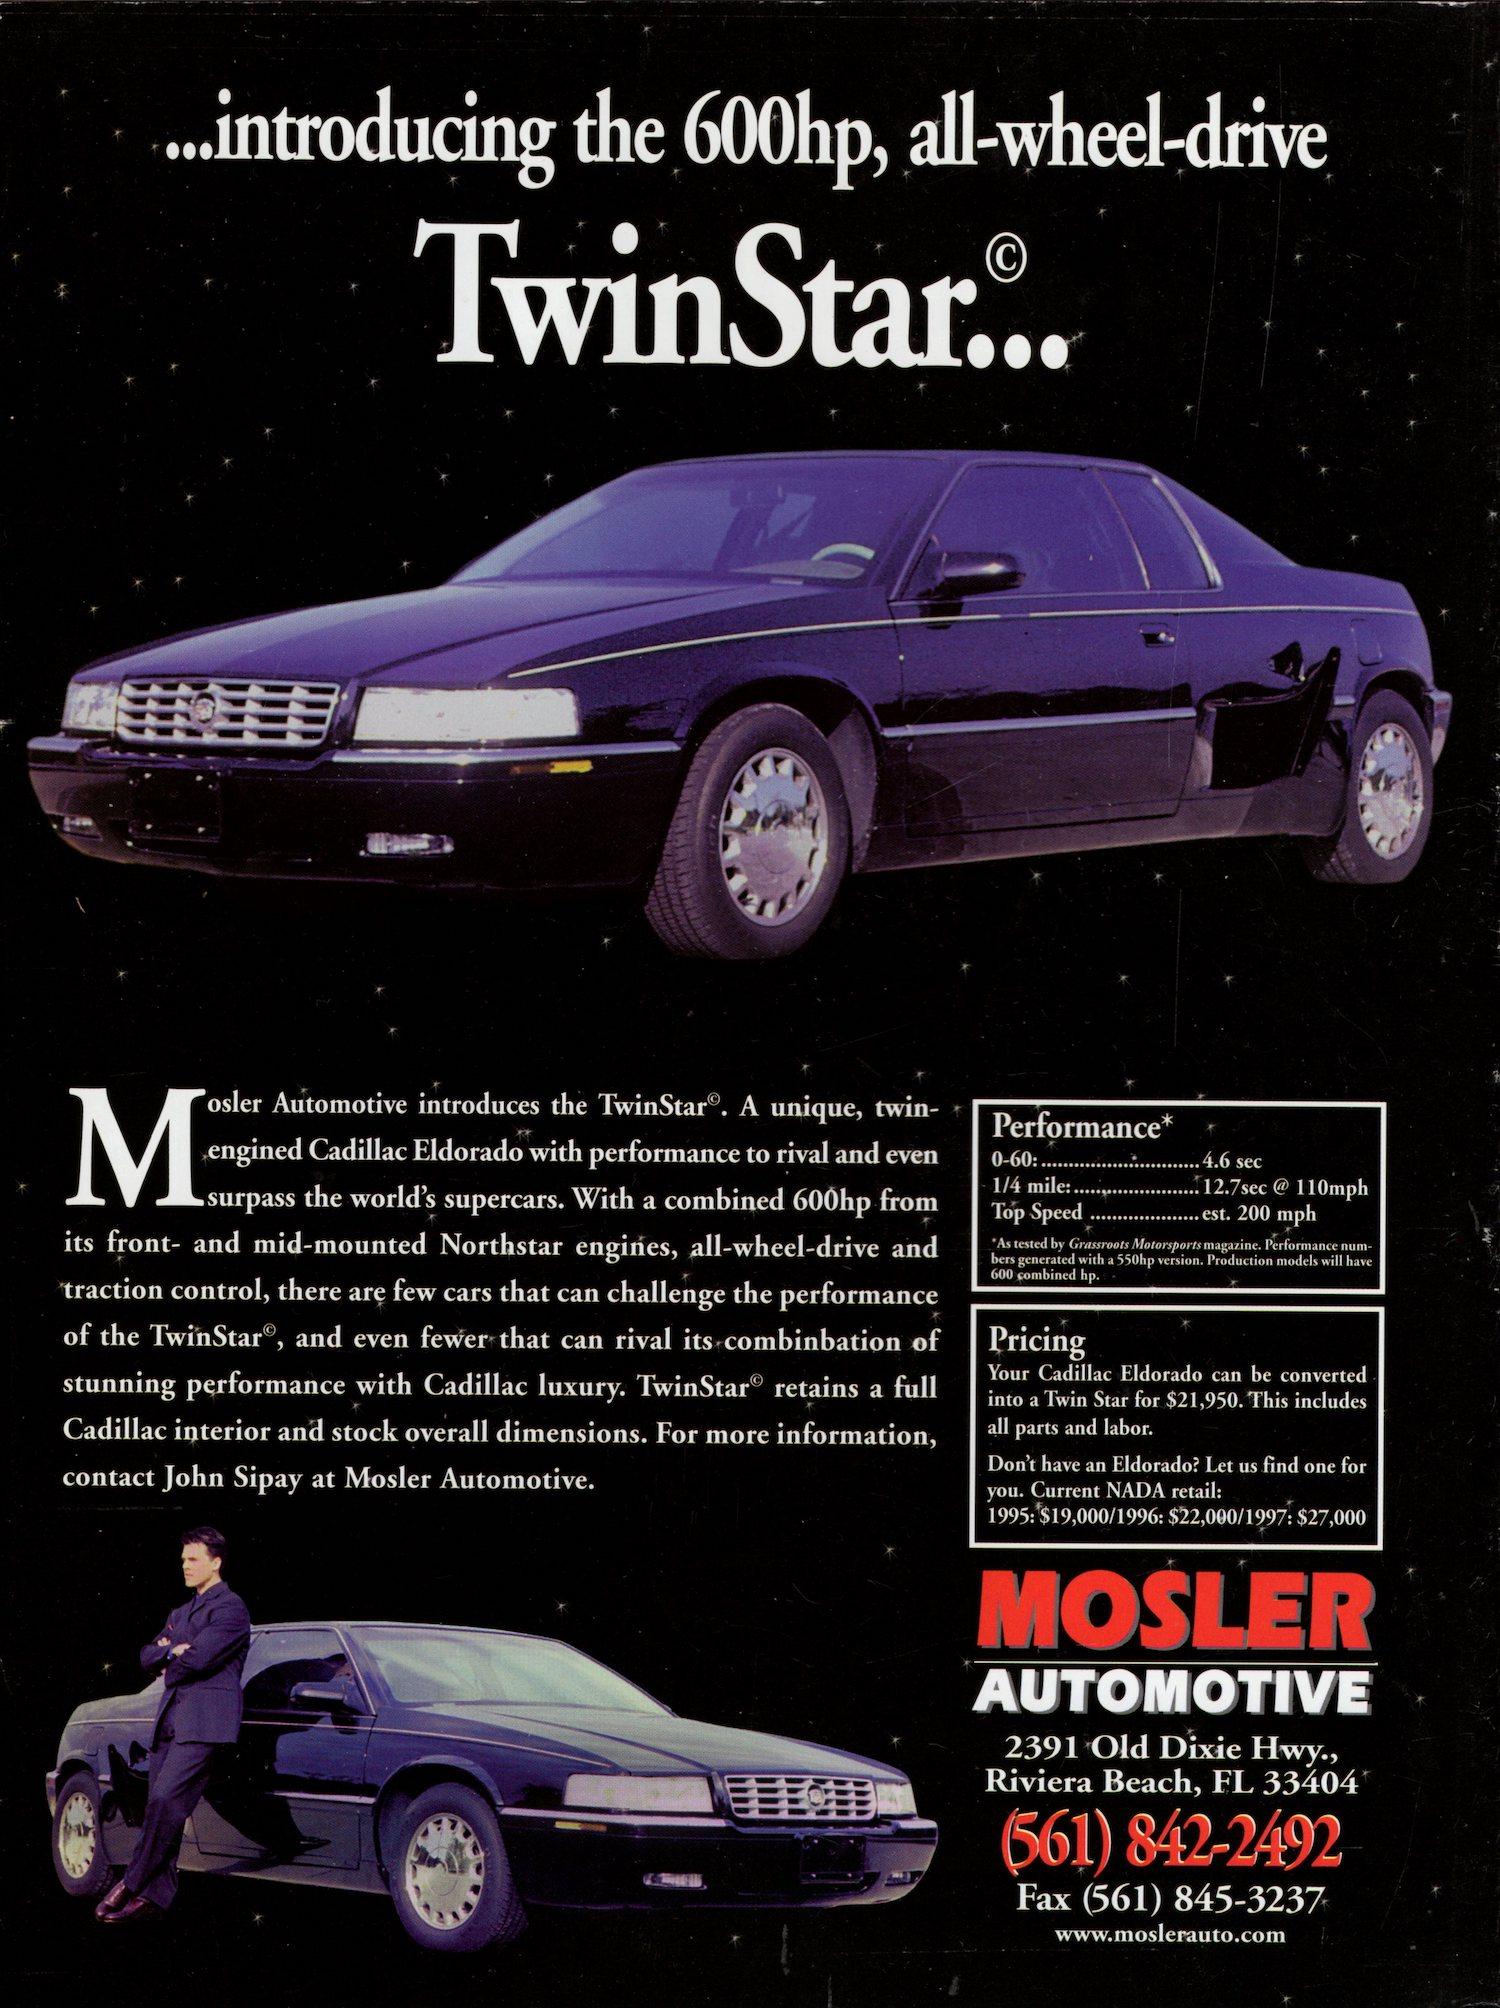 2000 Mosler TwinStar Cadillac Eldorado